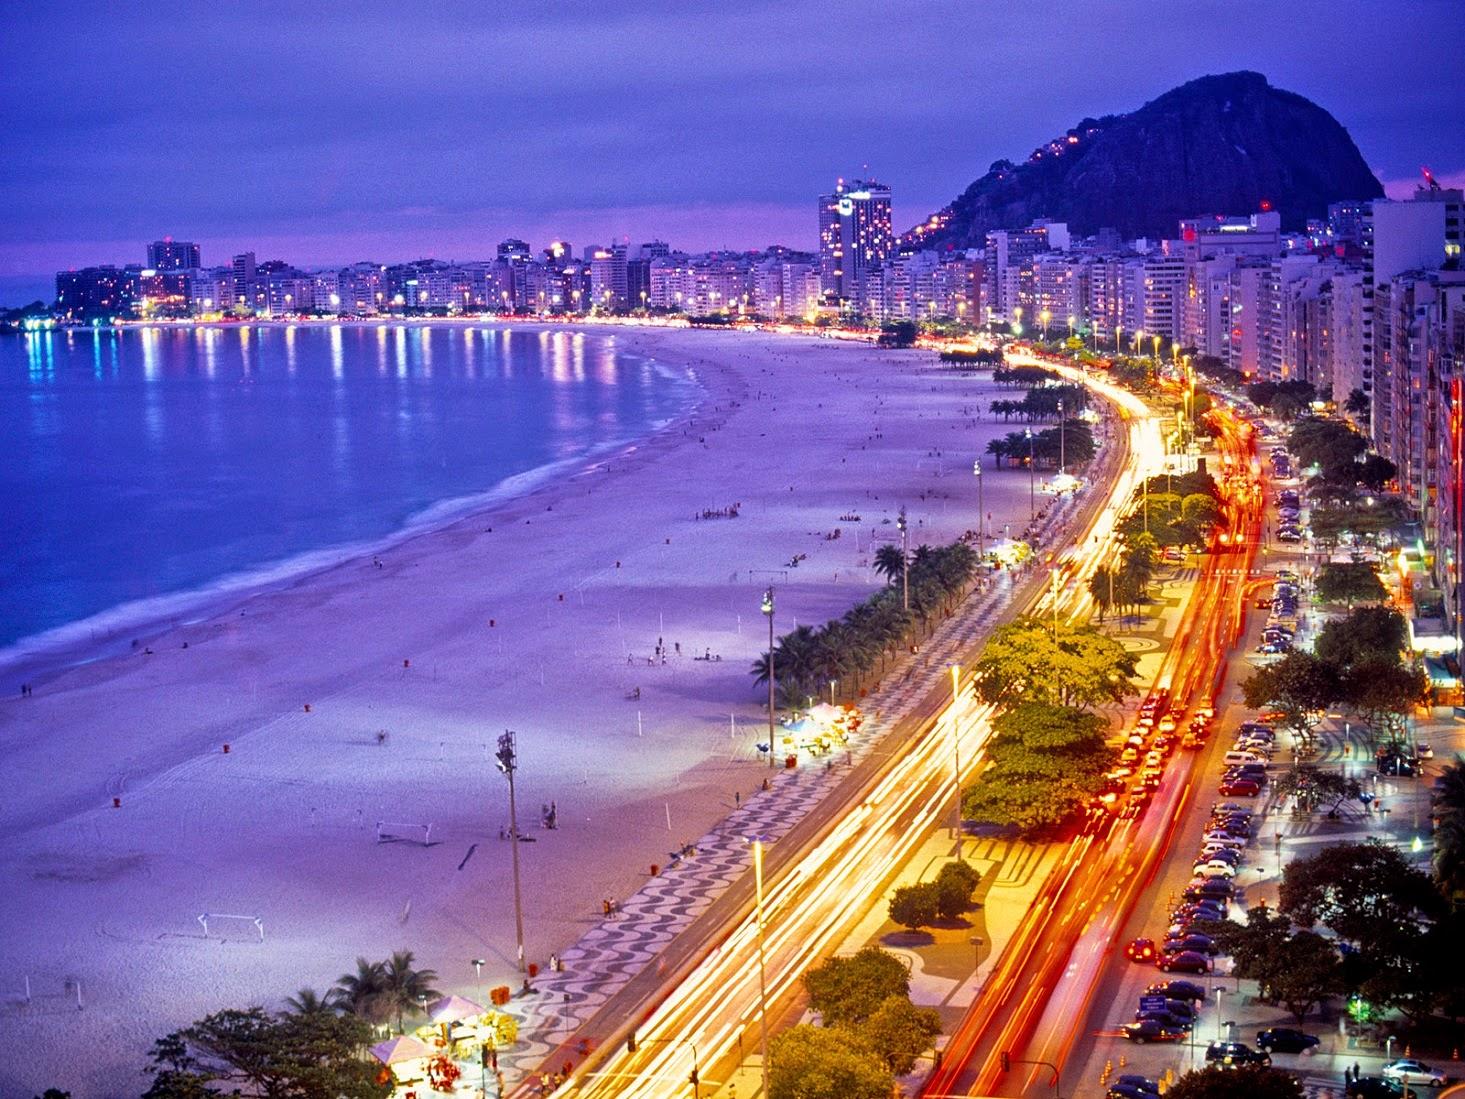 Rio de Janeiro Brazil - Places YOU want to visit